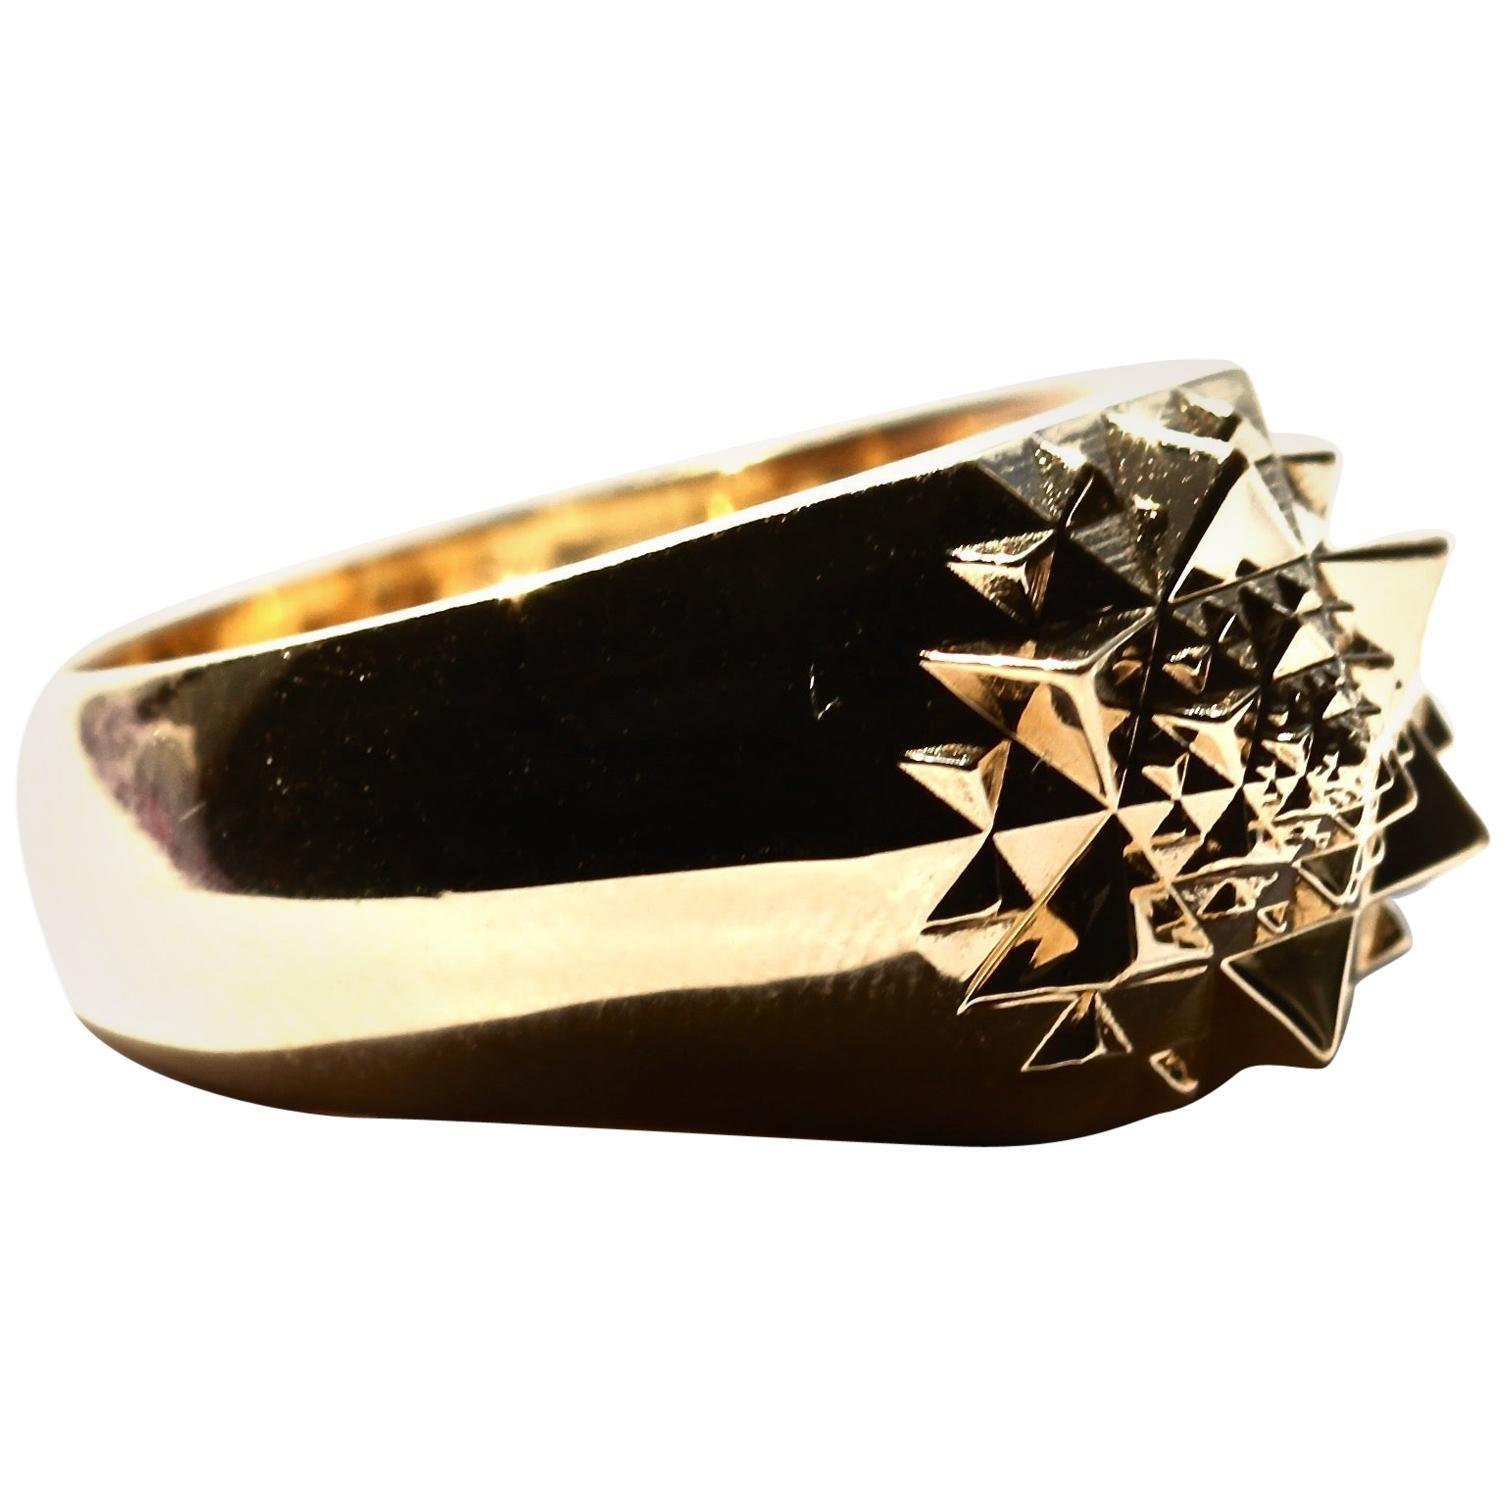 Unisex 18K Gold Sacred Signet Ring by John Brevard